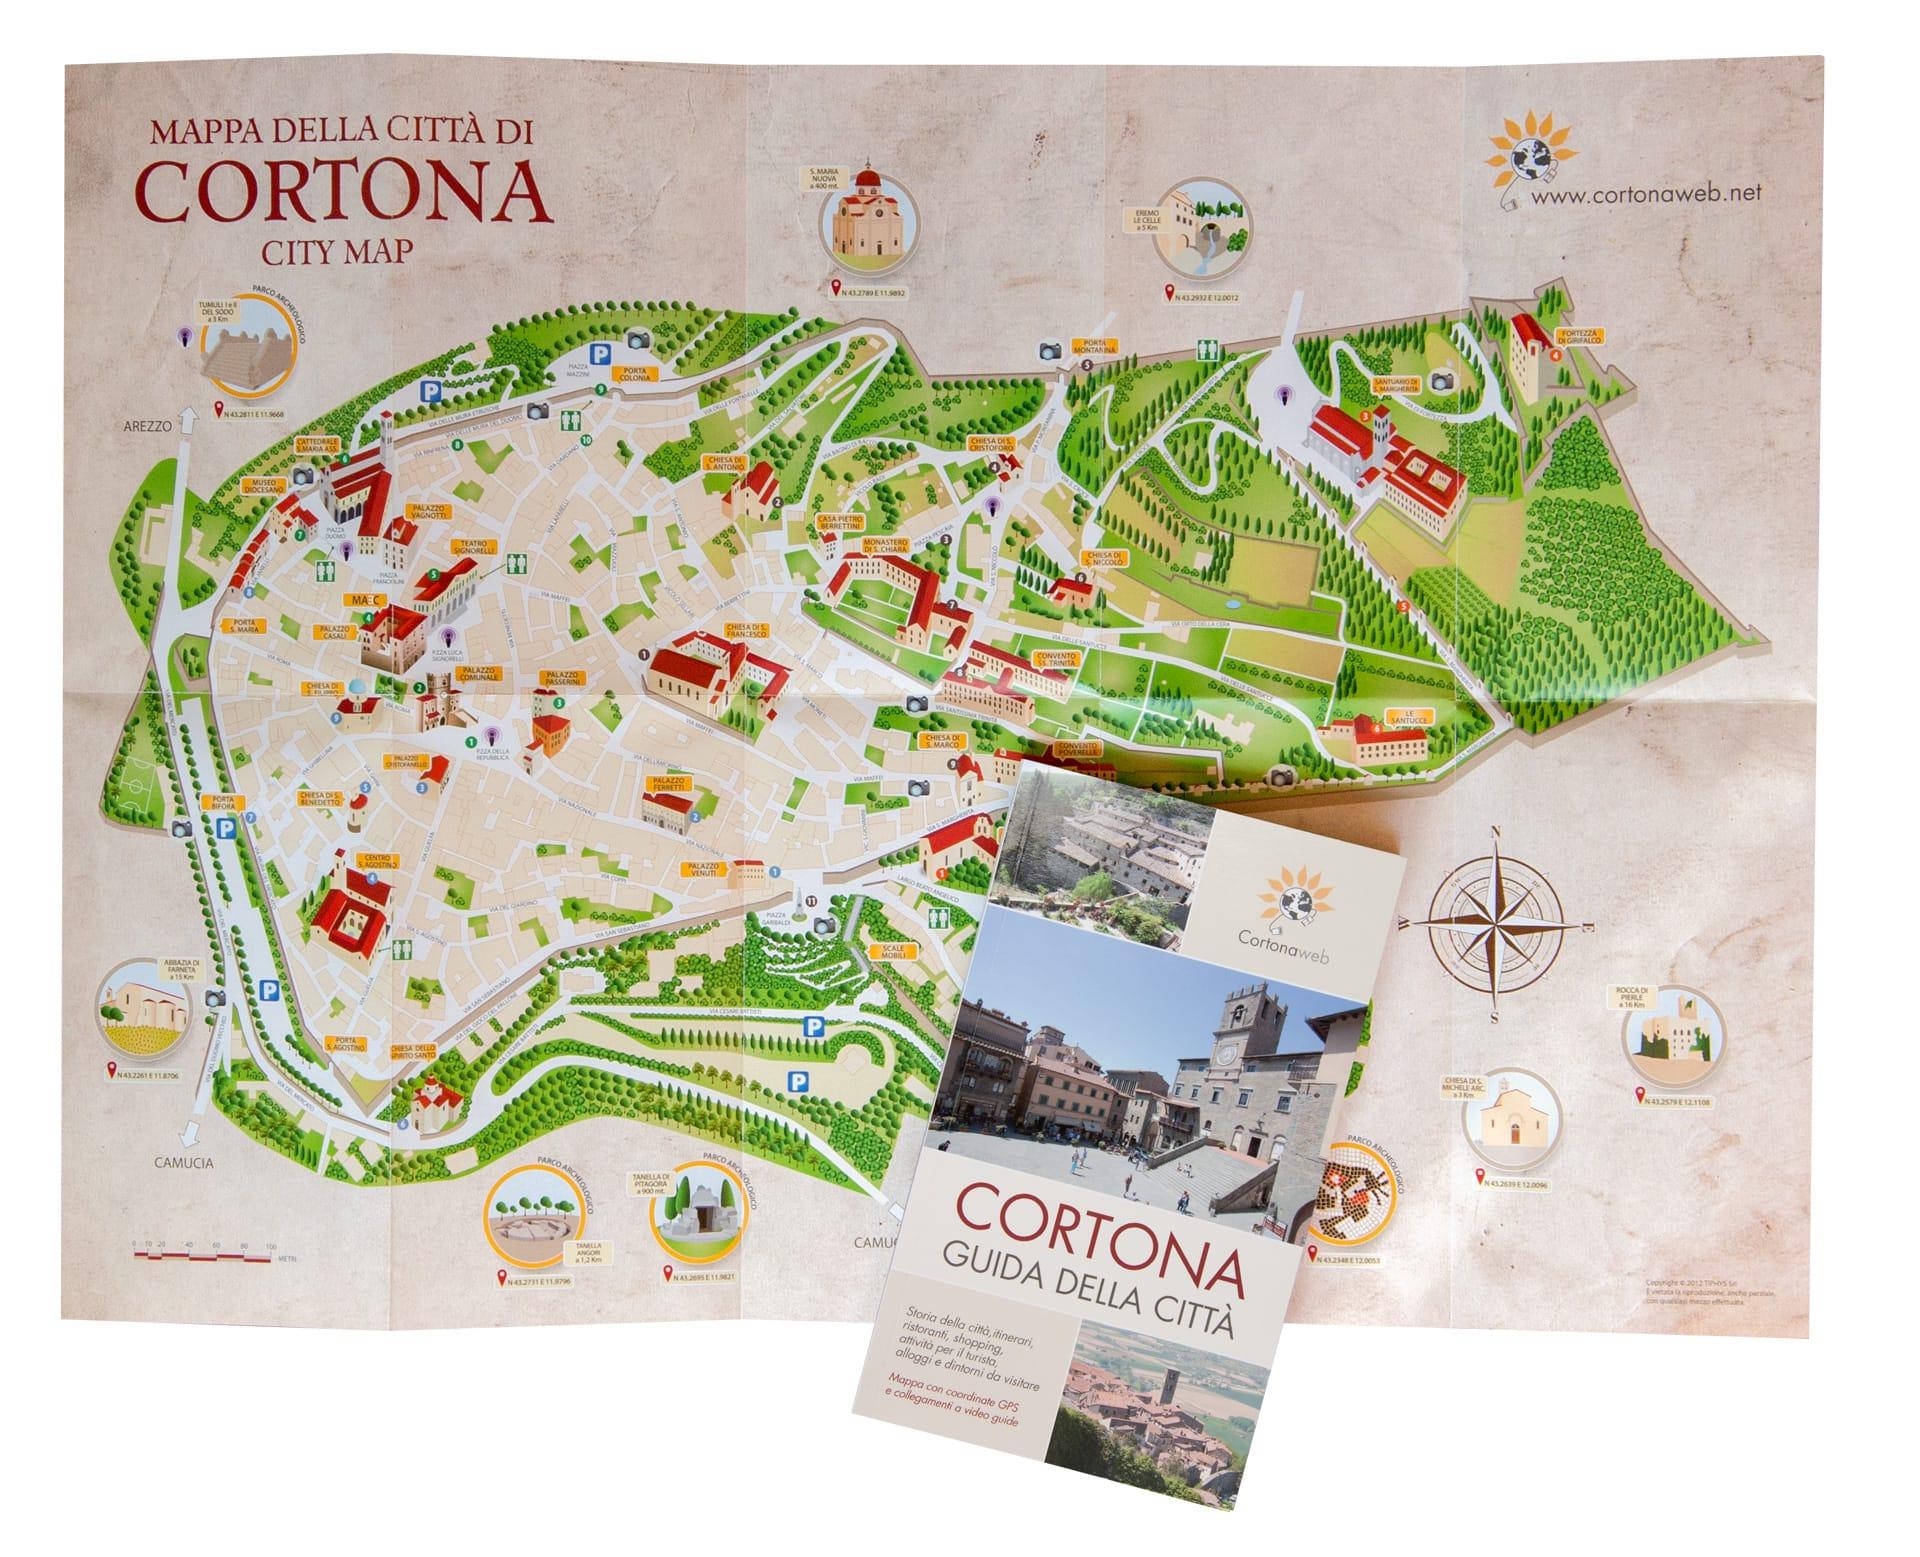 Guida e mappa della città di Cortona